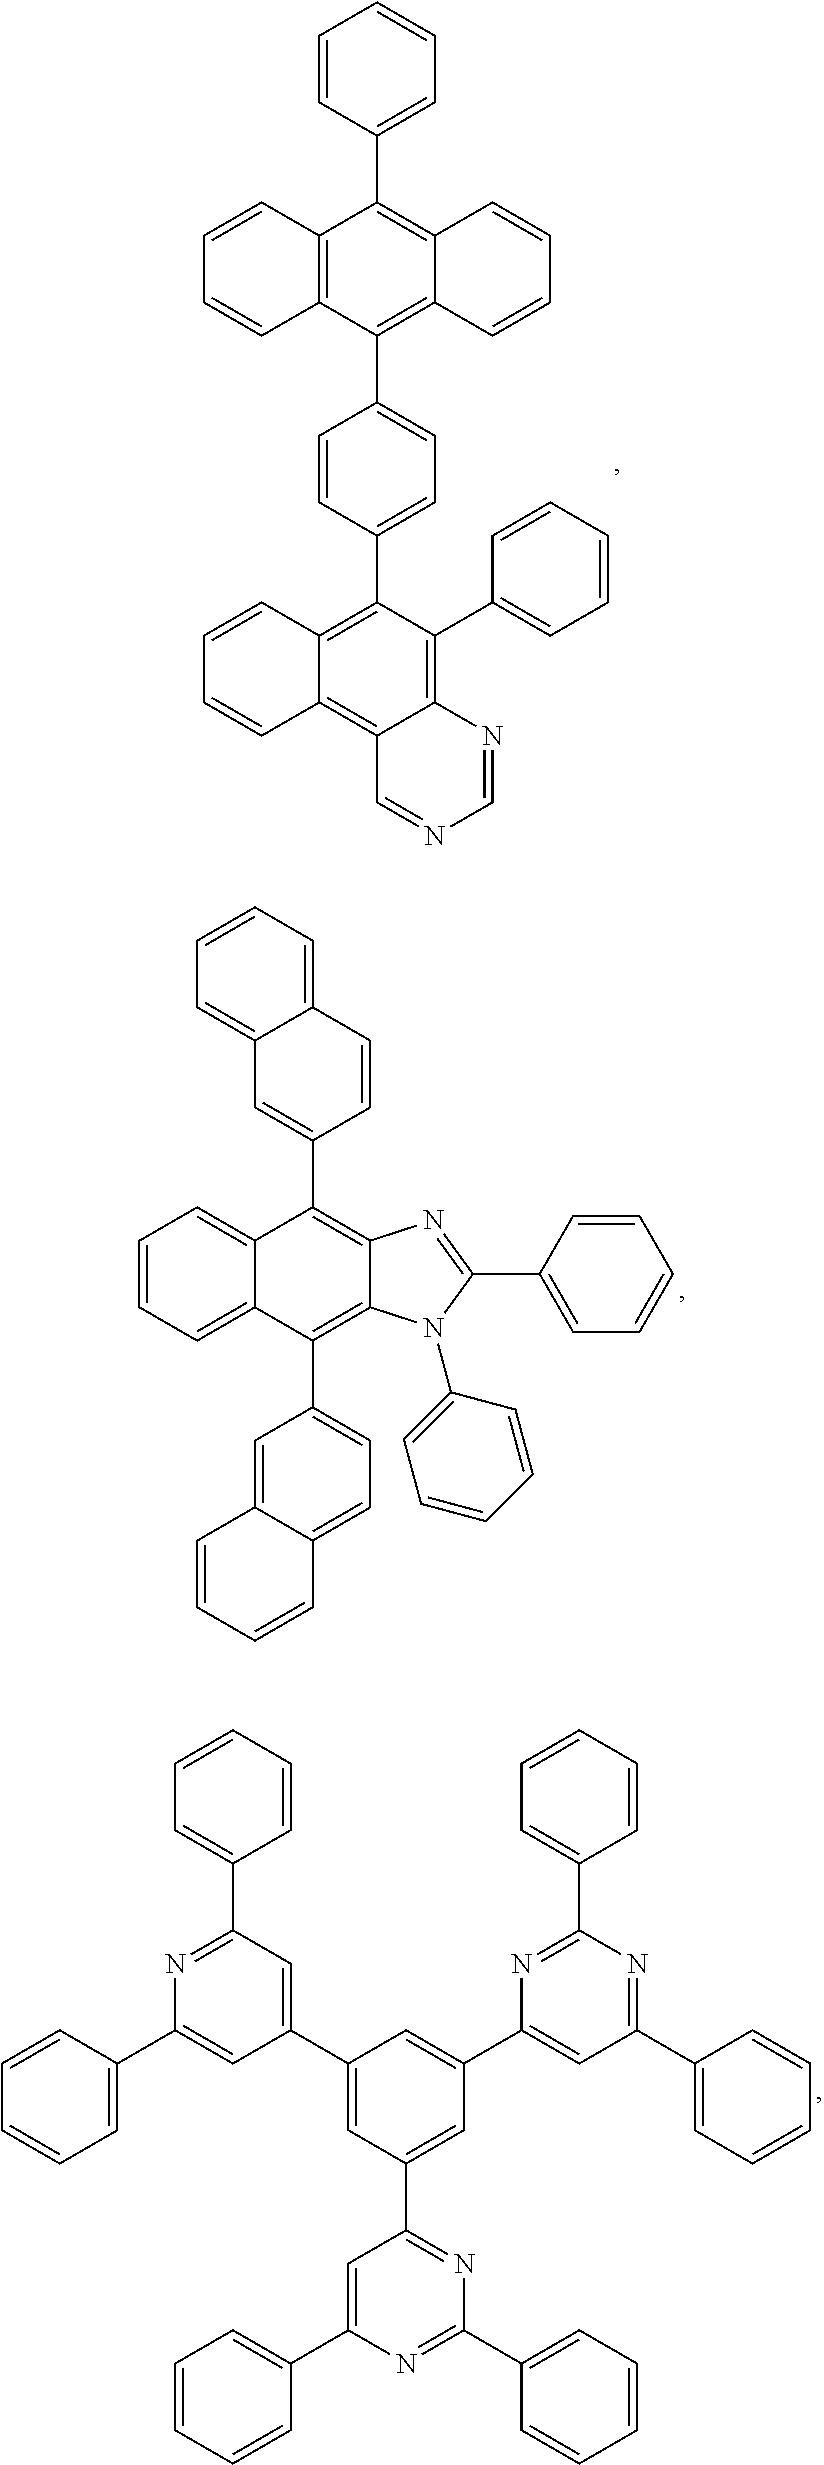 Figure US09978956-20180522-C00100